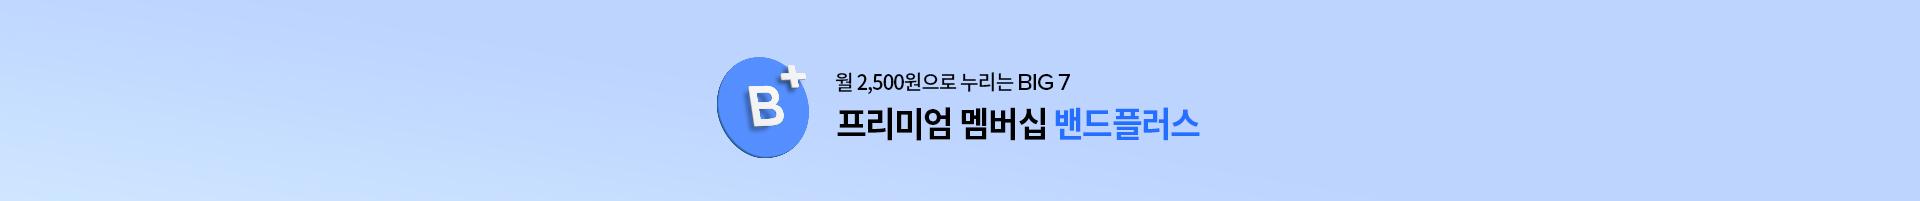 월 2,500원으로 누리는 BIG7 프리미엄 멤버십 밴드플러스